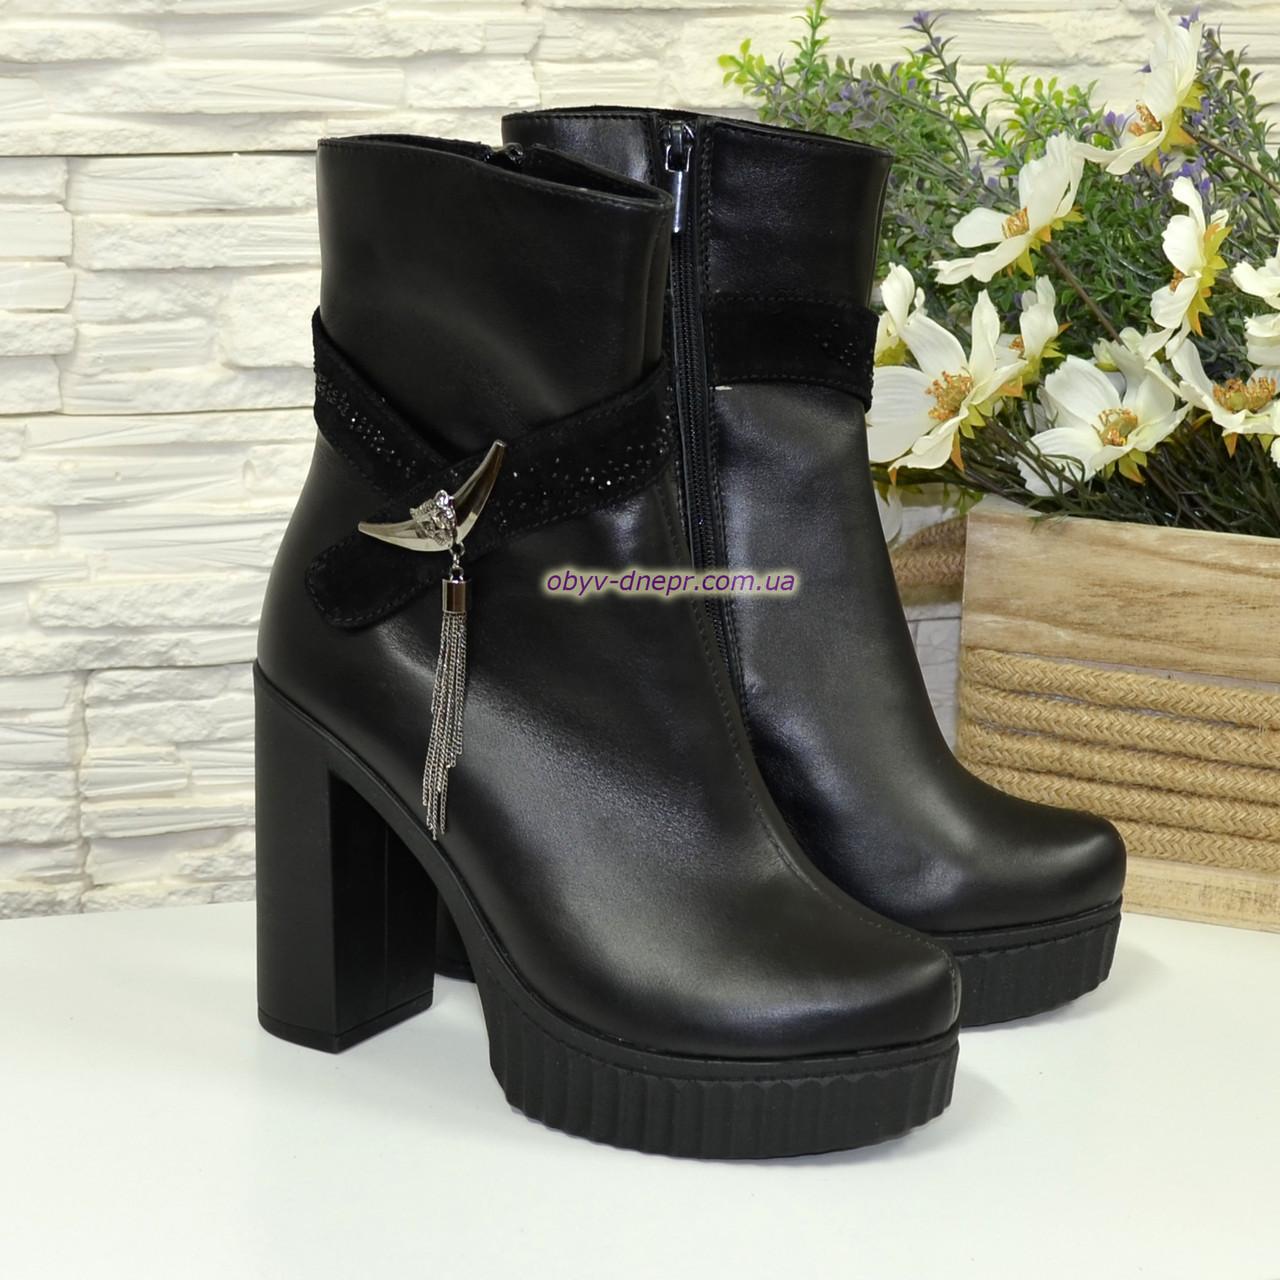 1c4f213f8 Ботинки женские кожаные на тракторной подошве. Зимний вариант. 37 размер